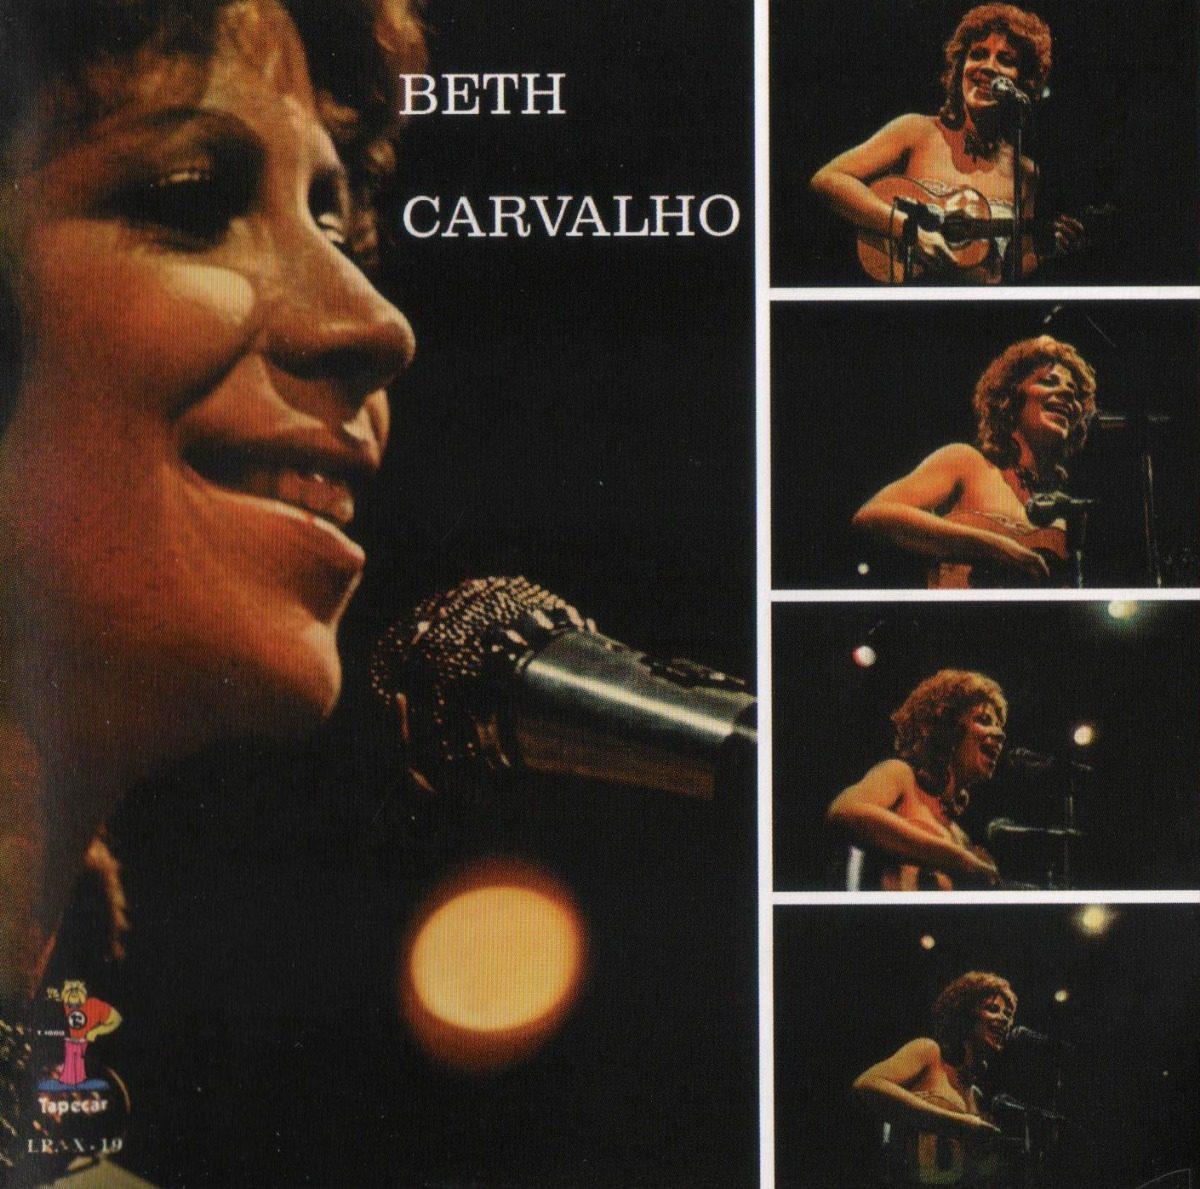 Cd Beth Carvalho Canto Por Um Novo Dia 2010 Novo - R$ 41,00 em Mercado Livre